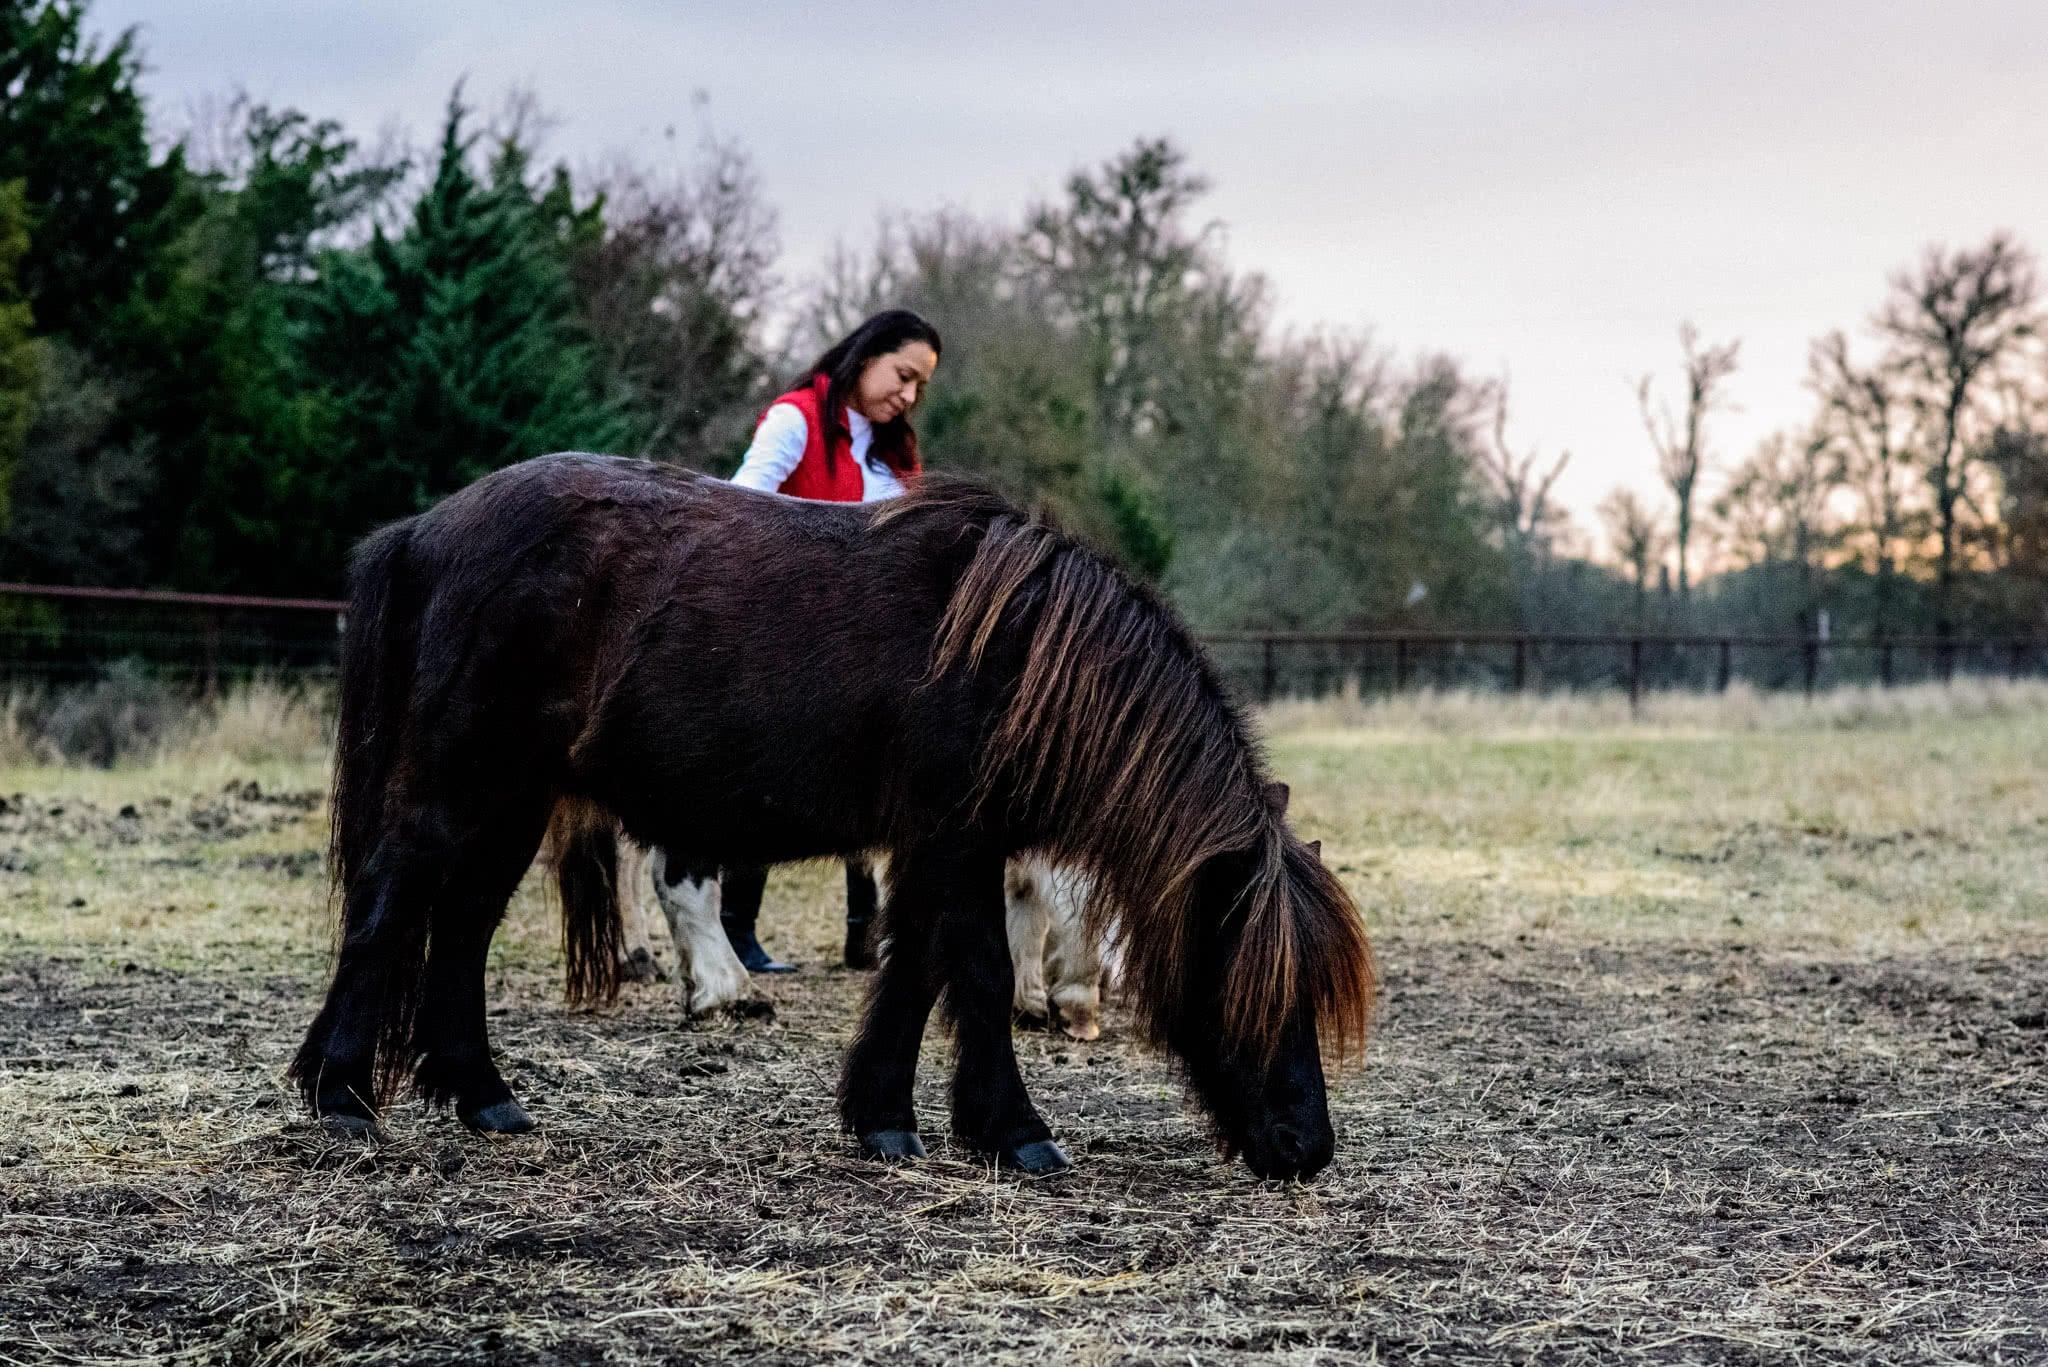 Silvia and Pony